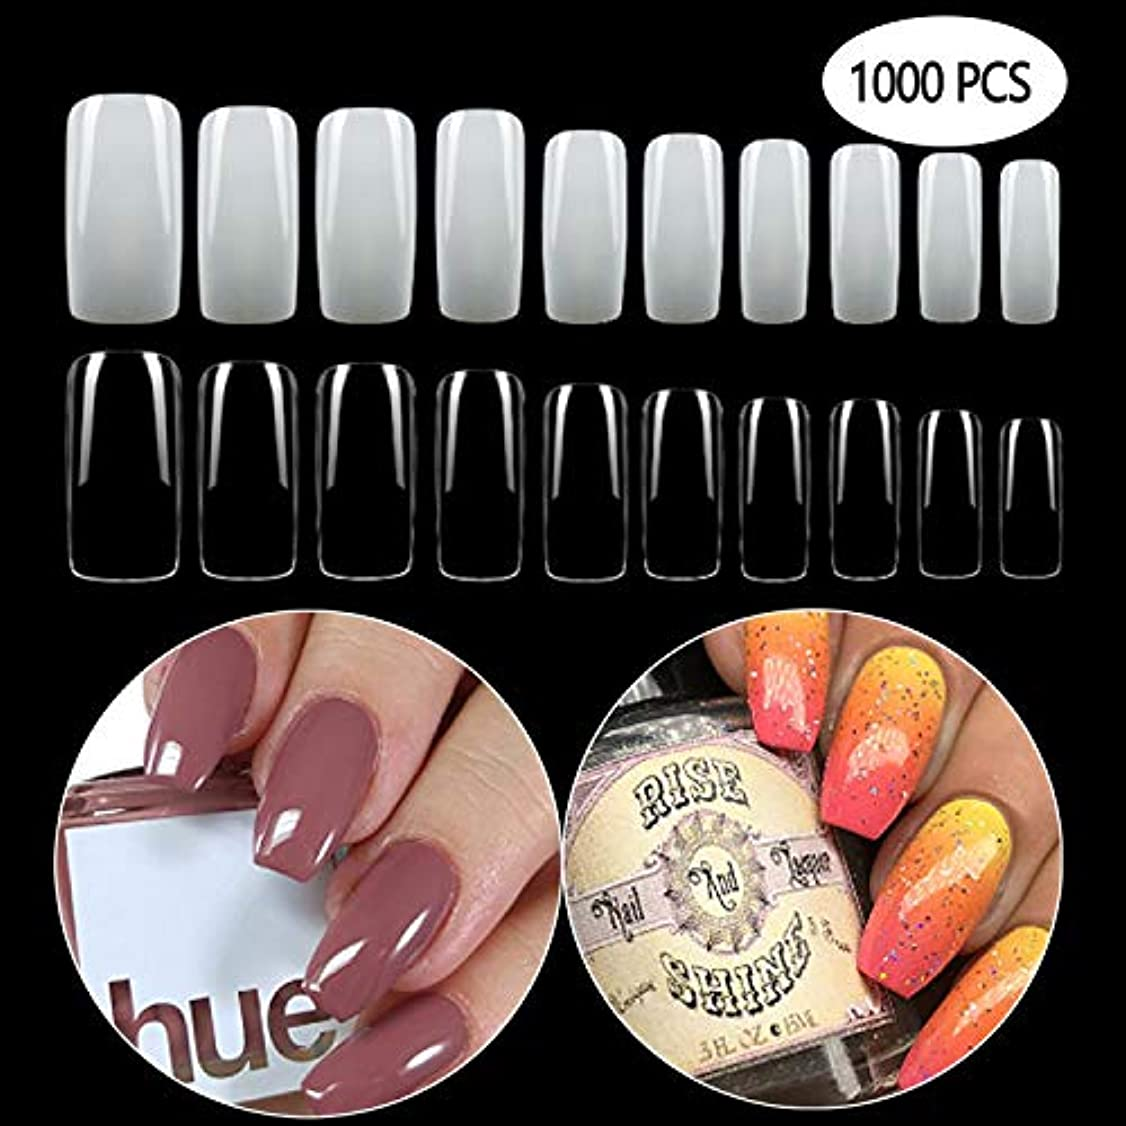 郊外意志拍手するGCOA 1000枚入れ ネイルチップ 偽爪 つけ爪 ネイル用品 10サイズ ショート デコレーション 無地 付け爪 練習用 爪にピッタリ 卵形 短い (500透明+500自然)